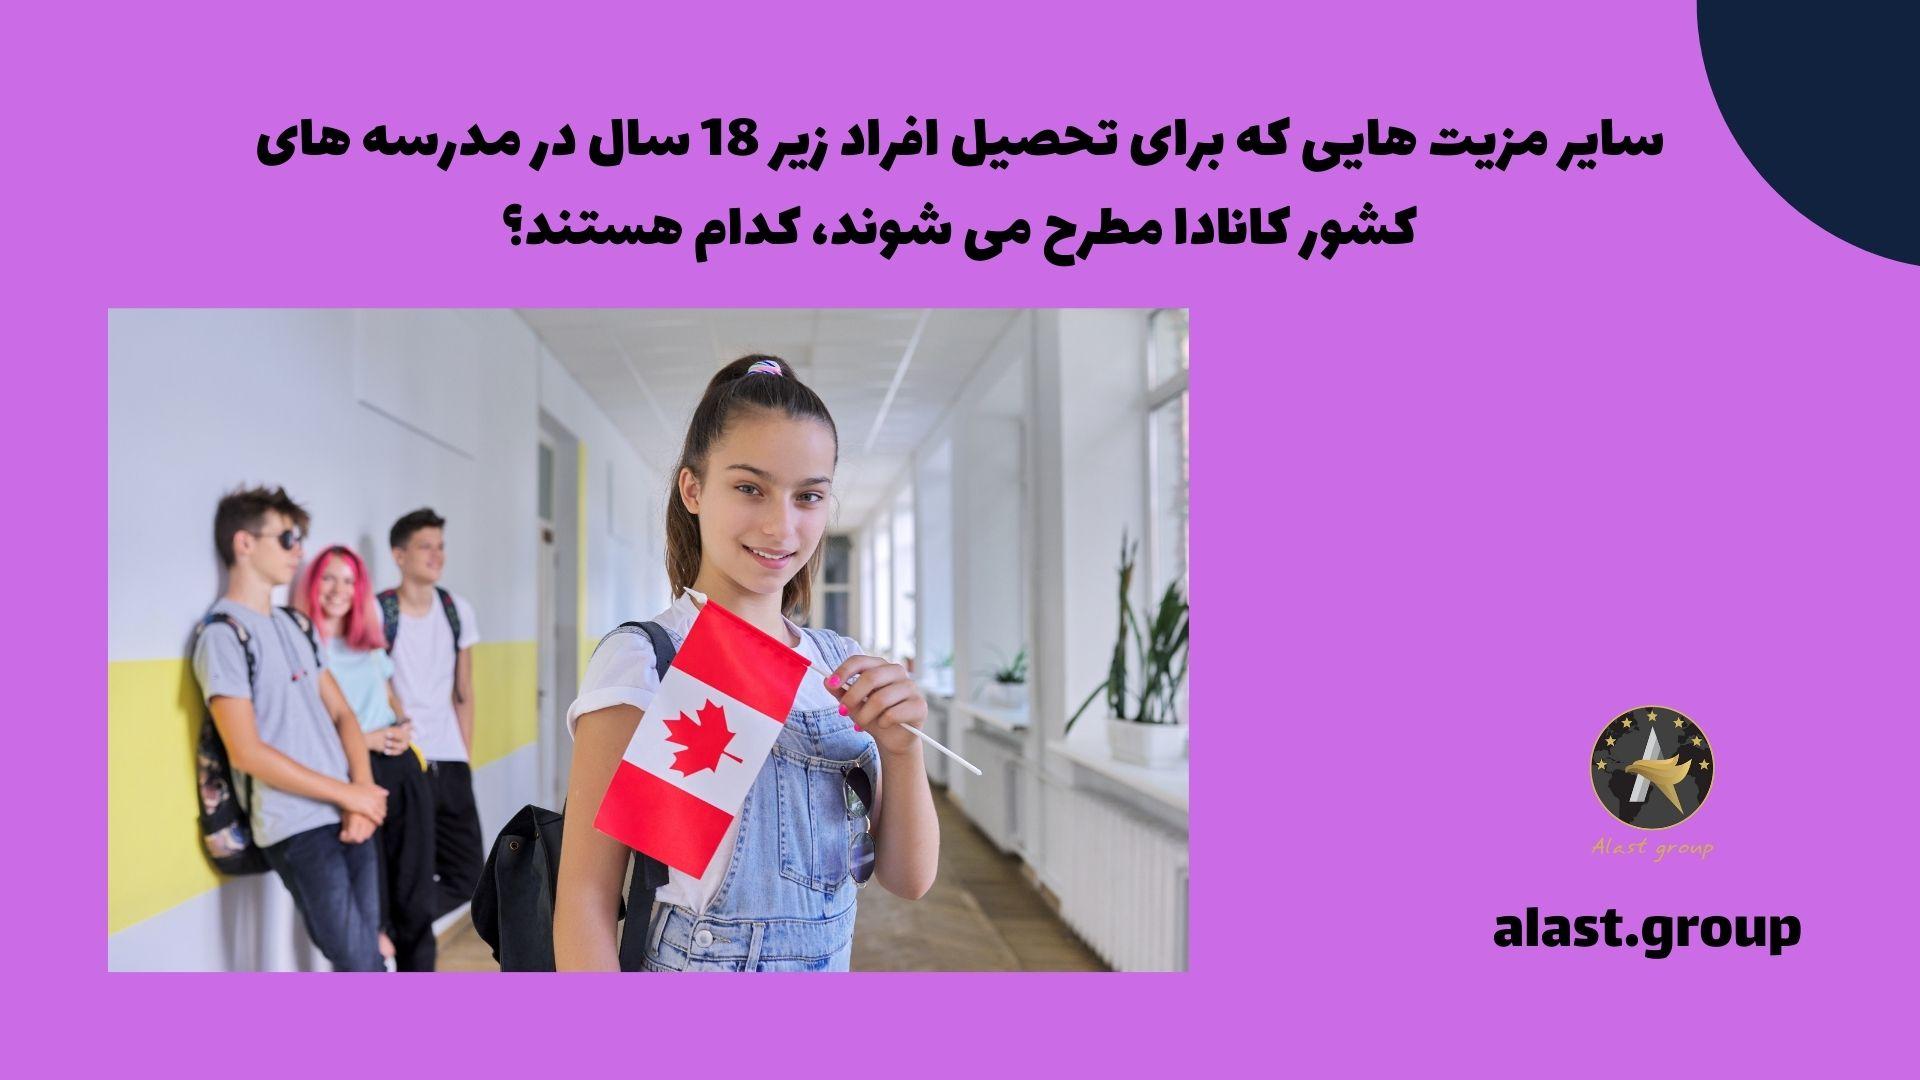 سایر مزیت هایی که برای تحصیل افراد زیر 18 سال در مدرسه های کشور کانادا مطرح می شوند، کدام هستند؟